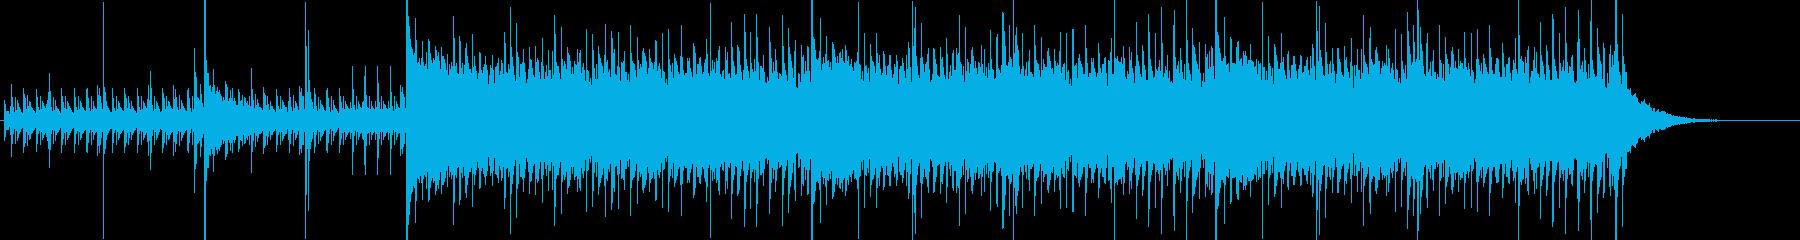 60秒・高速ジャズ・ドラムとウッドベースの再生済みの波形